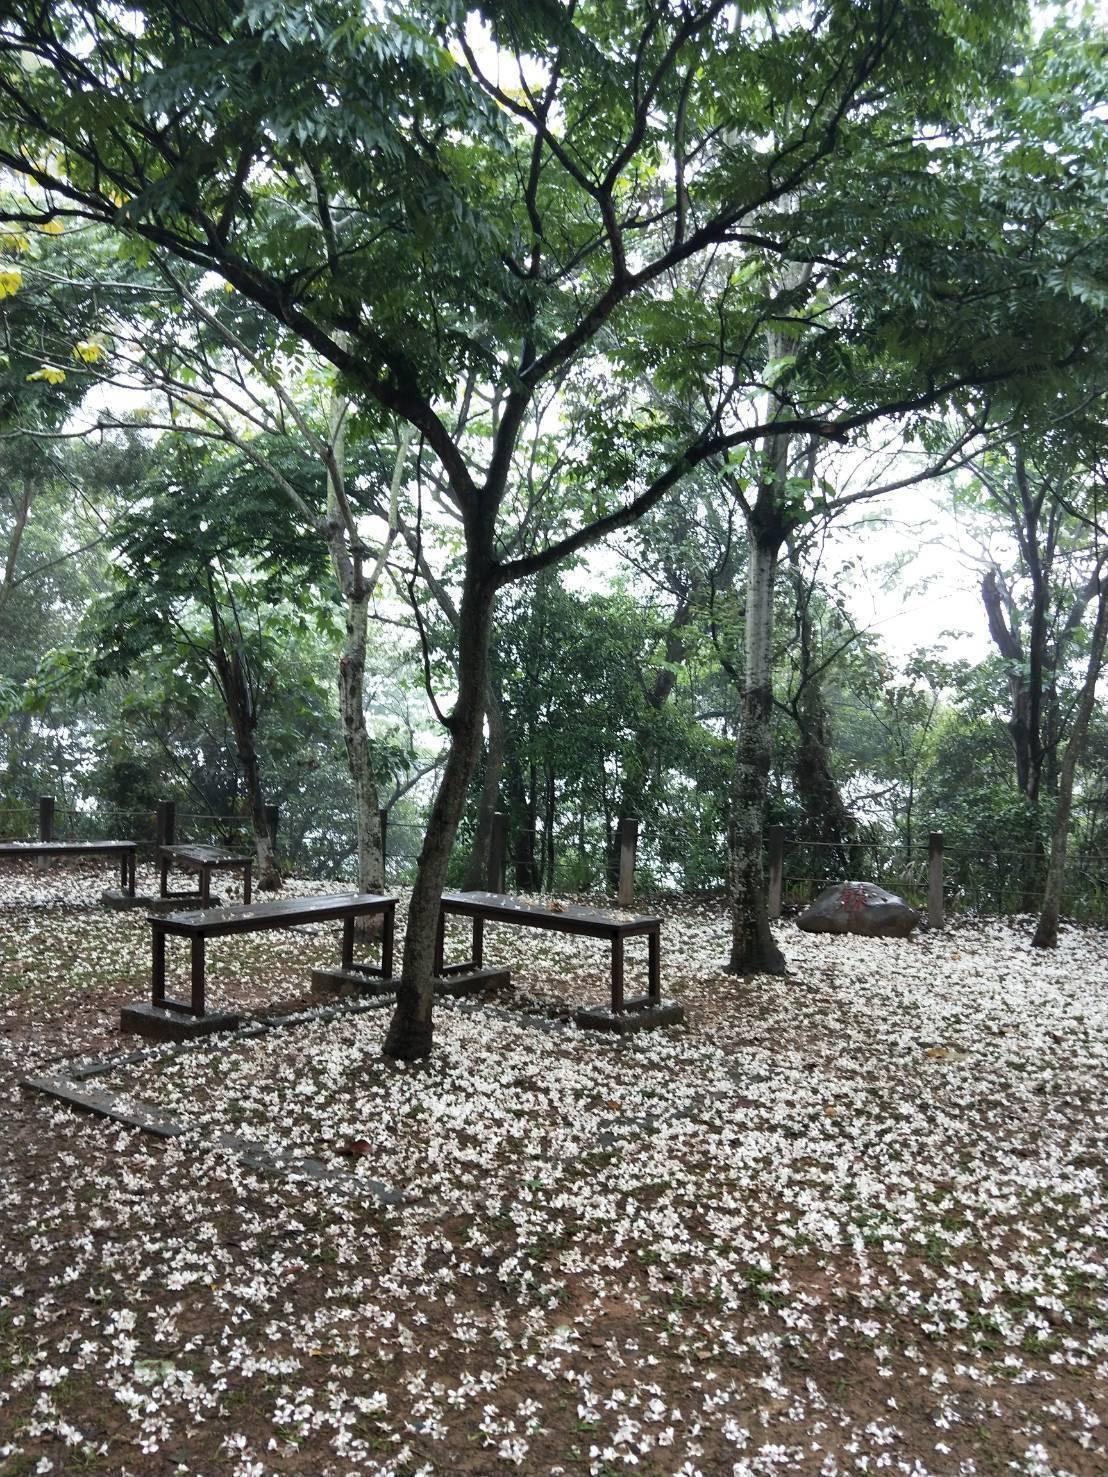 員林市藤山步道每年春季是滿山滿谷的白色油桐花,吸引遊客登山賞花。記者何烱榮/攝影